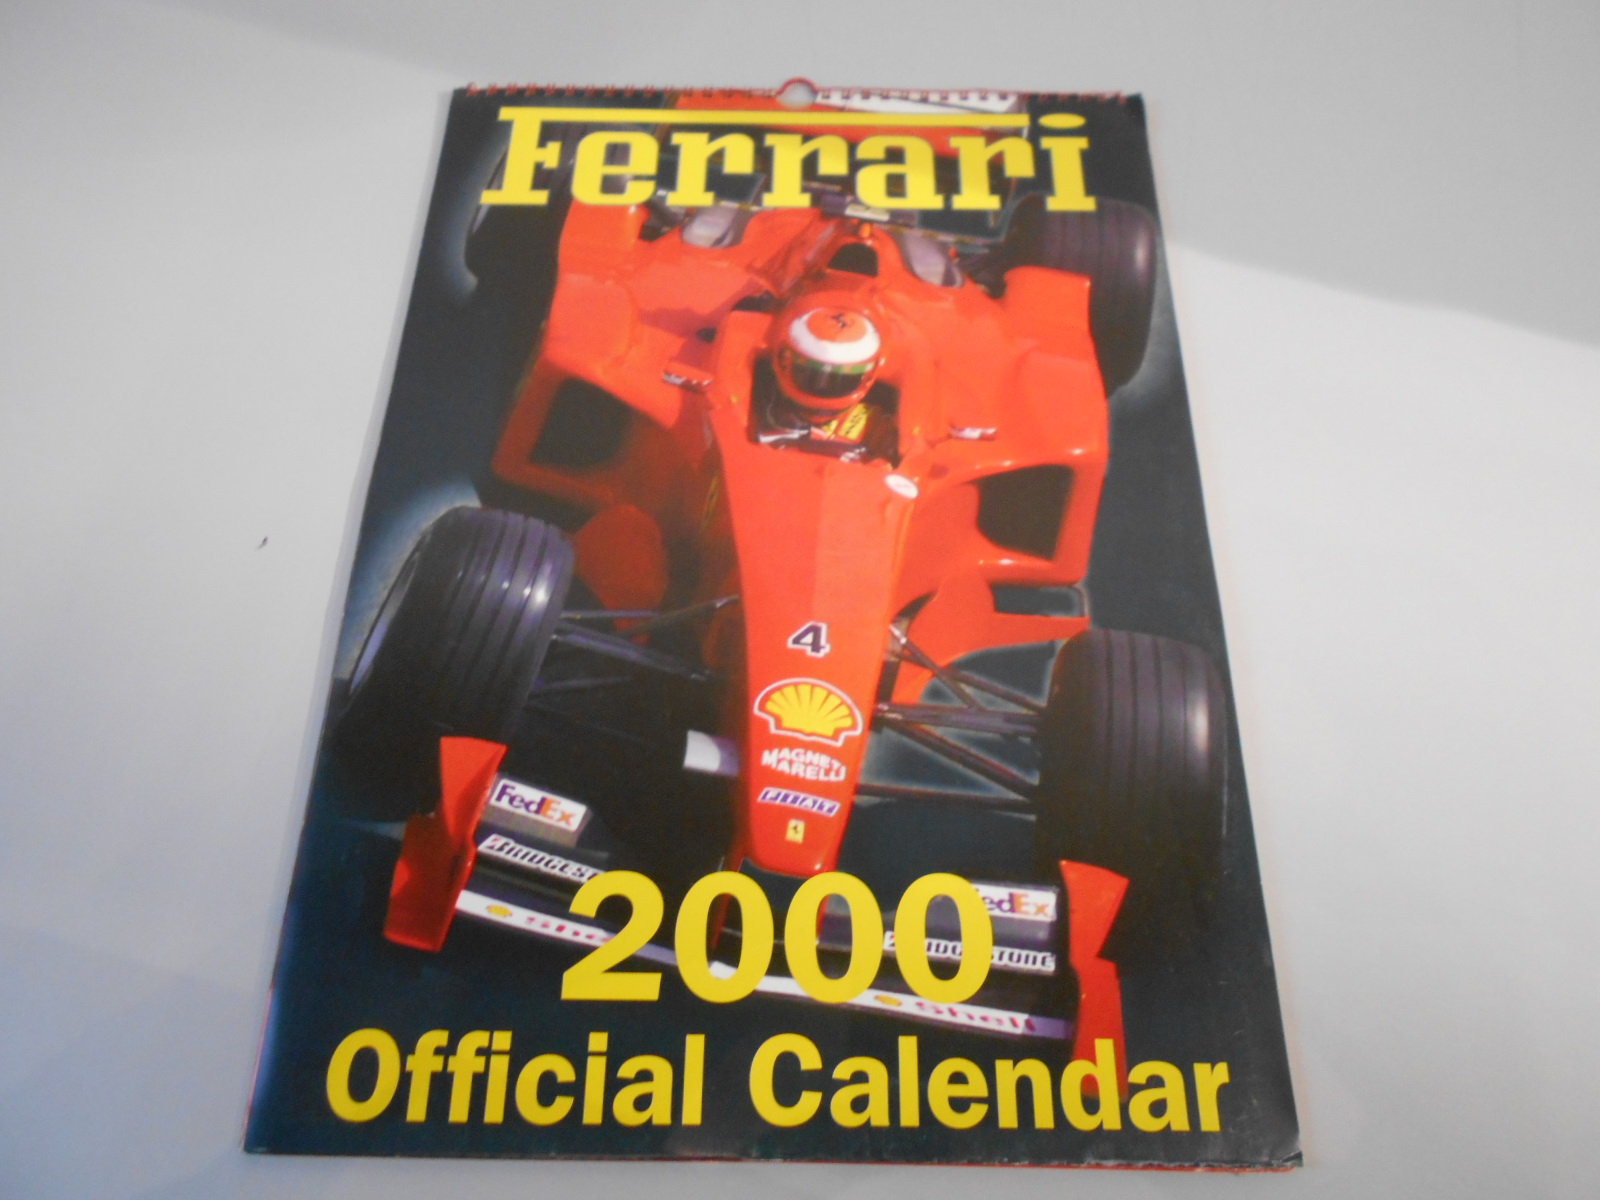 ANTQ303 CALENDARIO FERRARI 2000